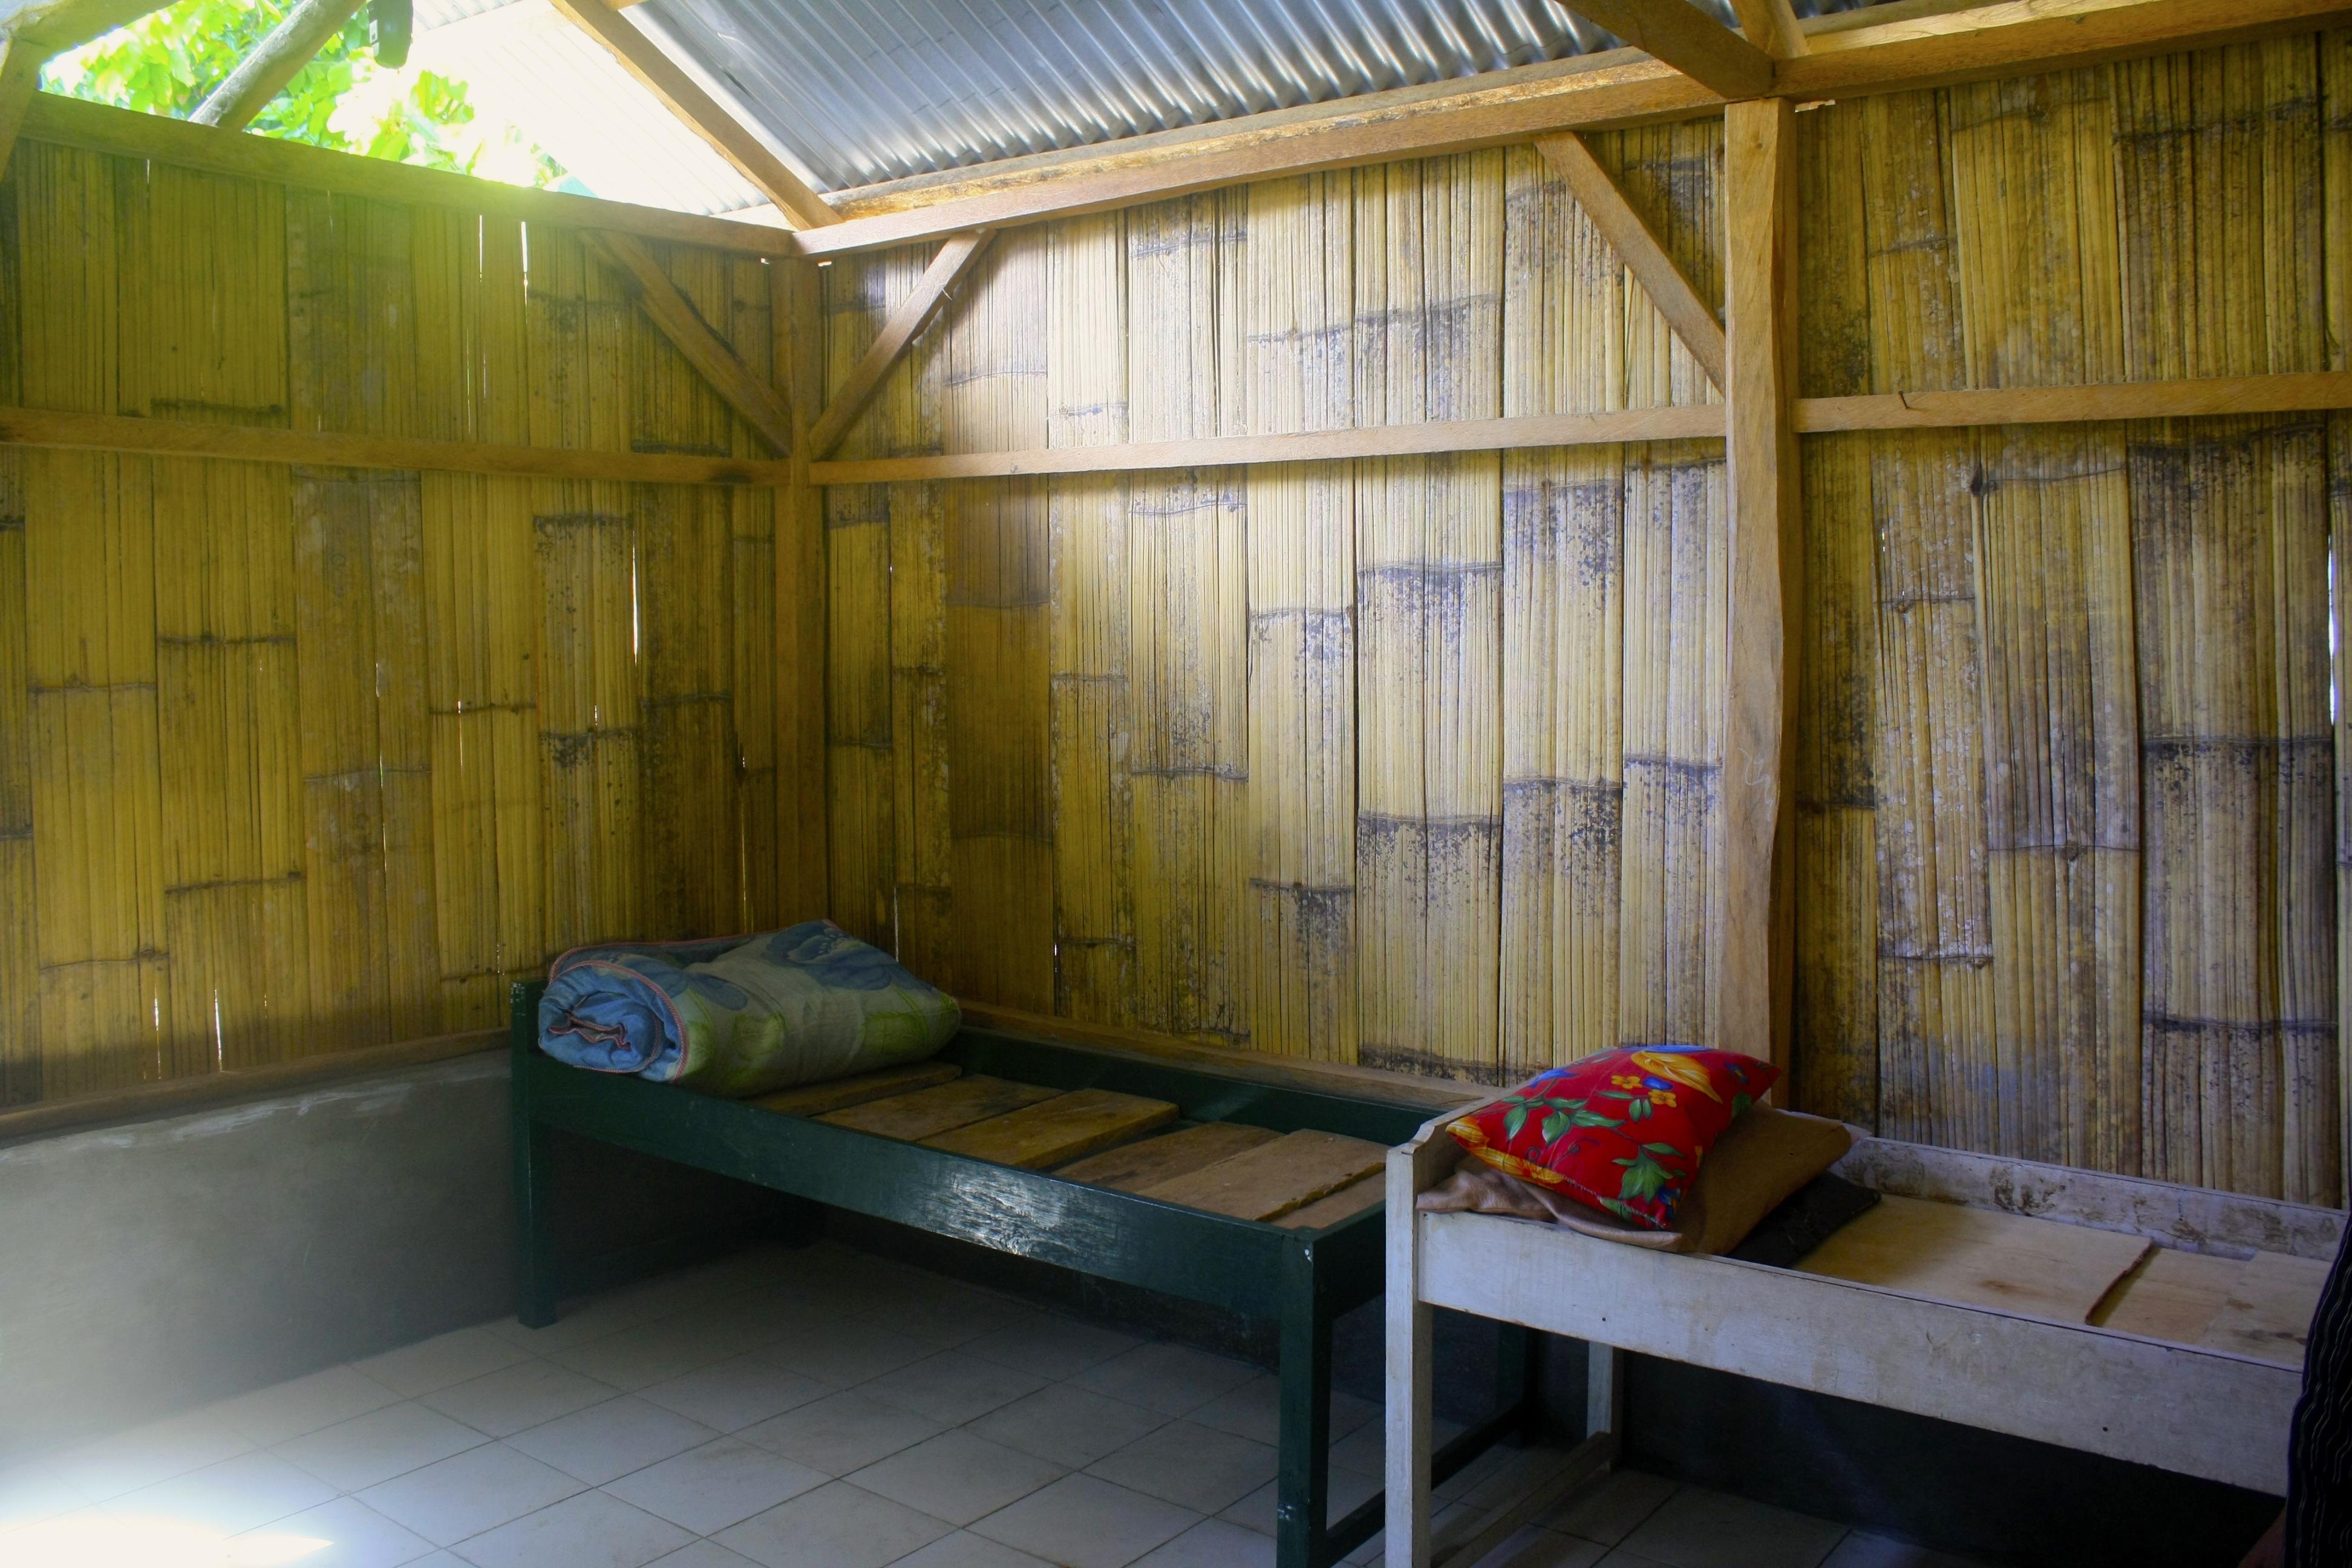 Interior rumah tunggu di Puskesmas Nangapanda masih sangat sederhana. Walau demikian, ruangan ini cukup nyaman dan memadai bagi ibu yang menunggu waktu persalinan.